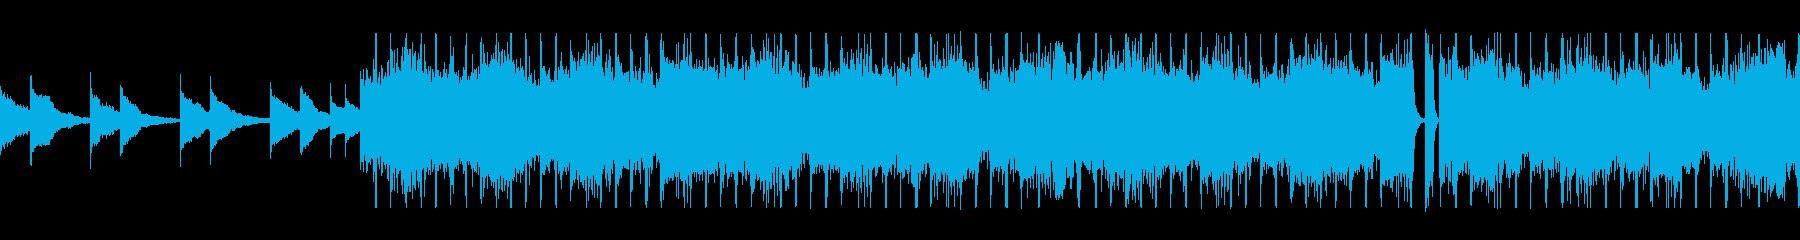 オルゴールが流れるホラーBGMの再生済みの波形